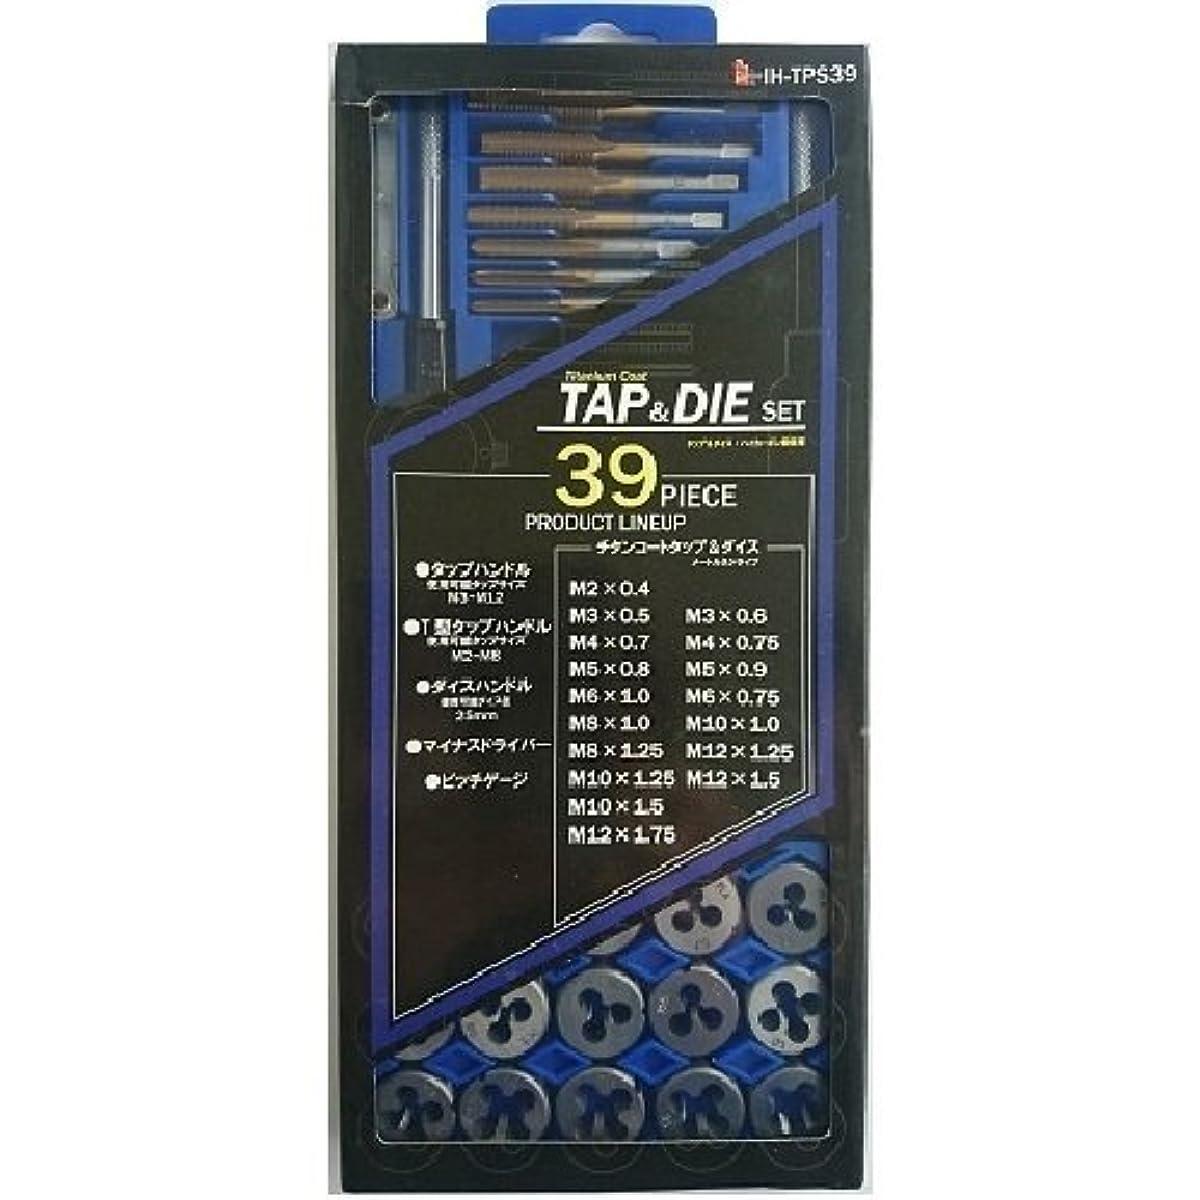 錫はい悲惨なIH チタンコートタップ&ダイスセット IH?TPS39